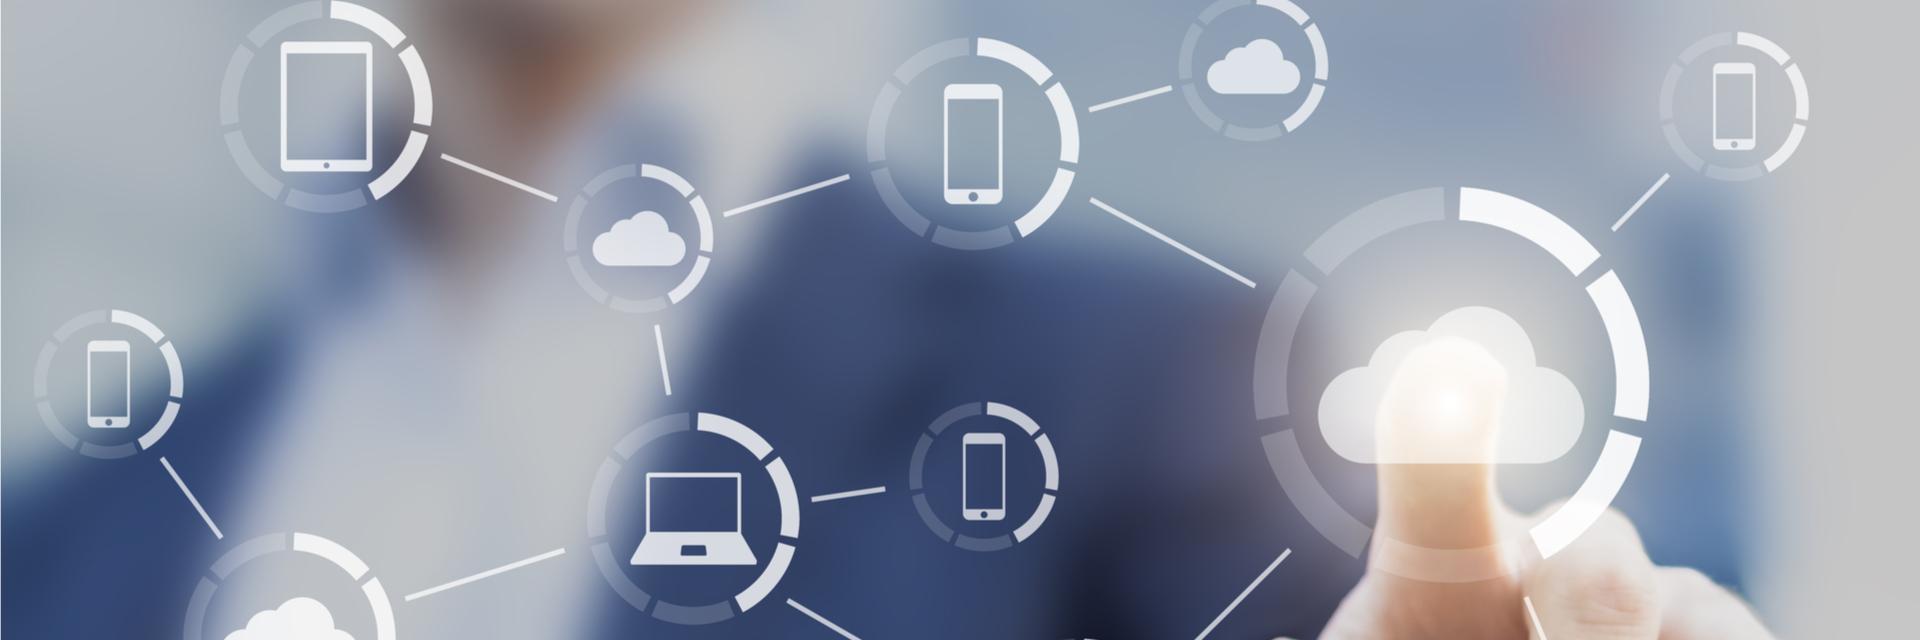 Diebold Nixdorf utiliza internet das coisas para ampliar disponibilidade de caixas eletrônicos